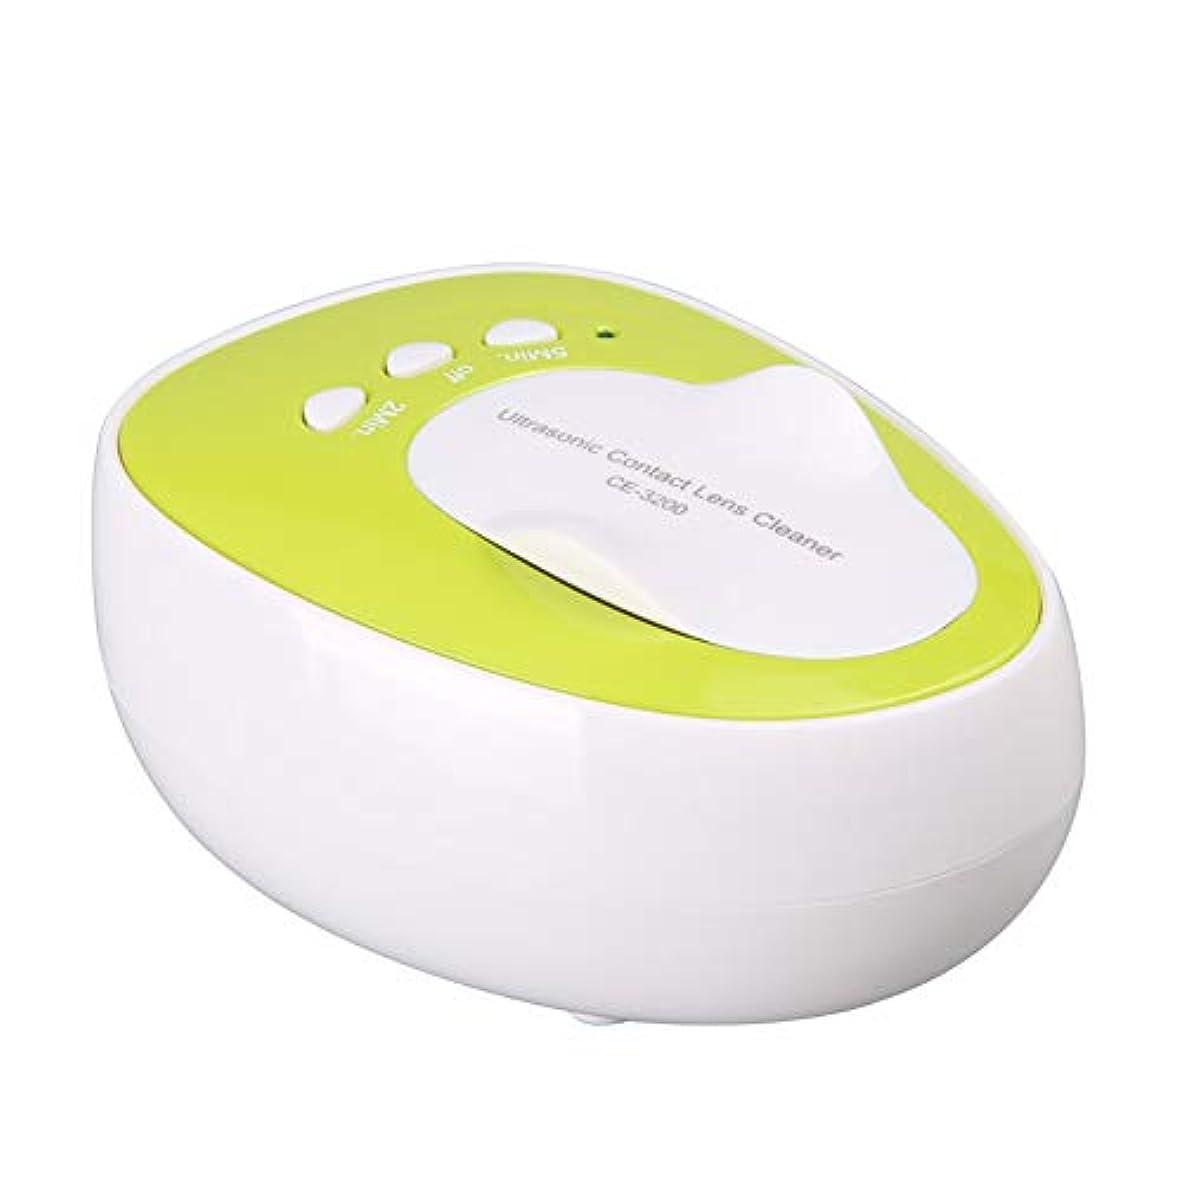 量アミューズコストコンタクトレンズ 超音波洗浄器 ミニ超音波クリーナー コンパクト 旅行 携帯式 FidgetFidget コンタクトレンズ用ミニオートマチック超音波クリーナー イギリスの規制